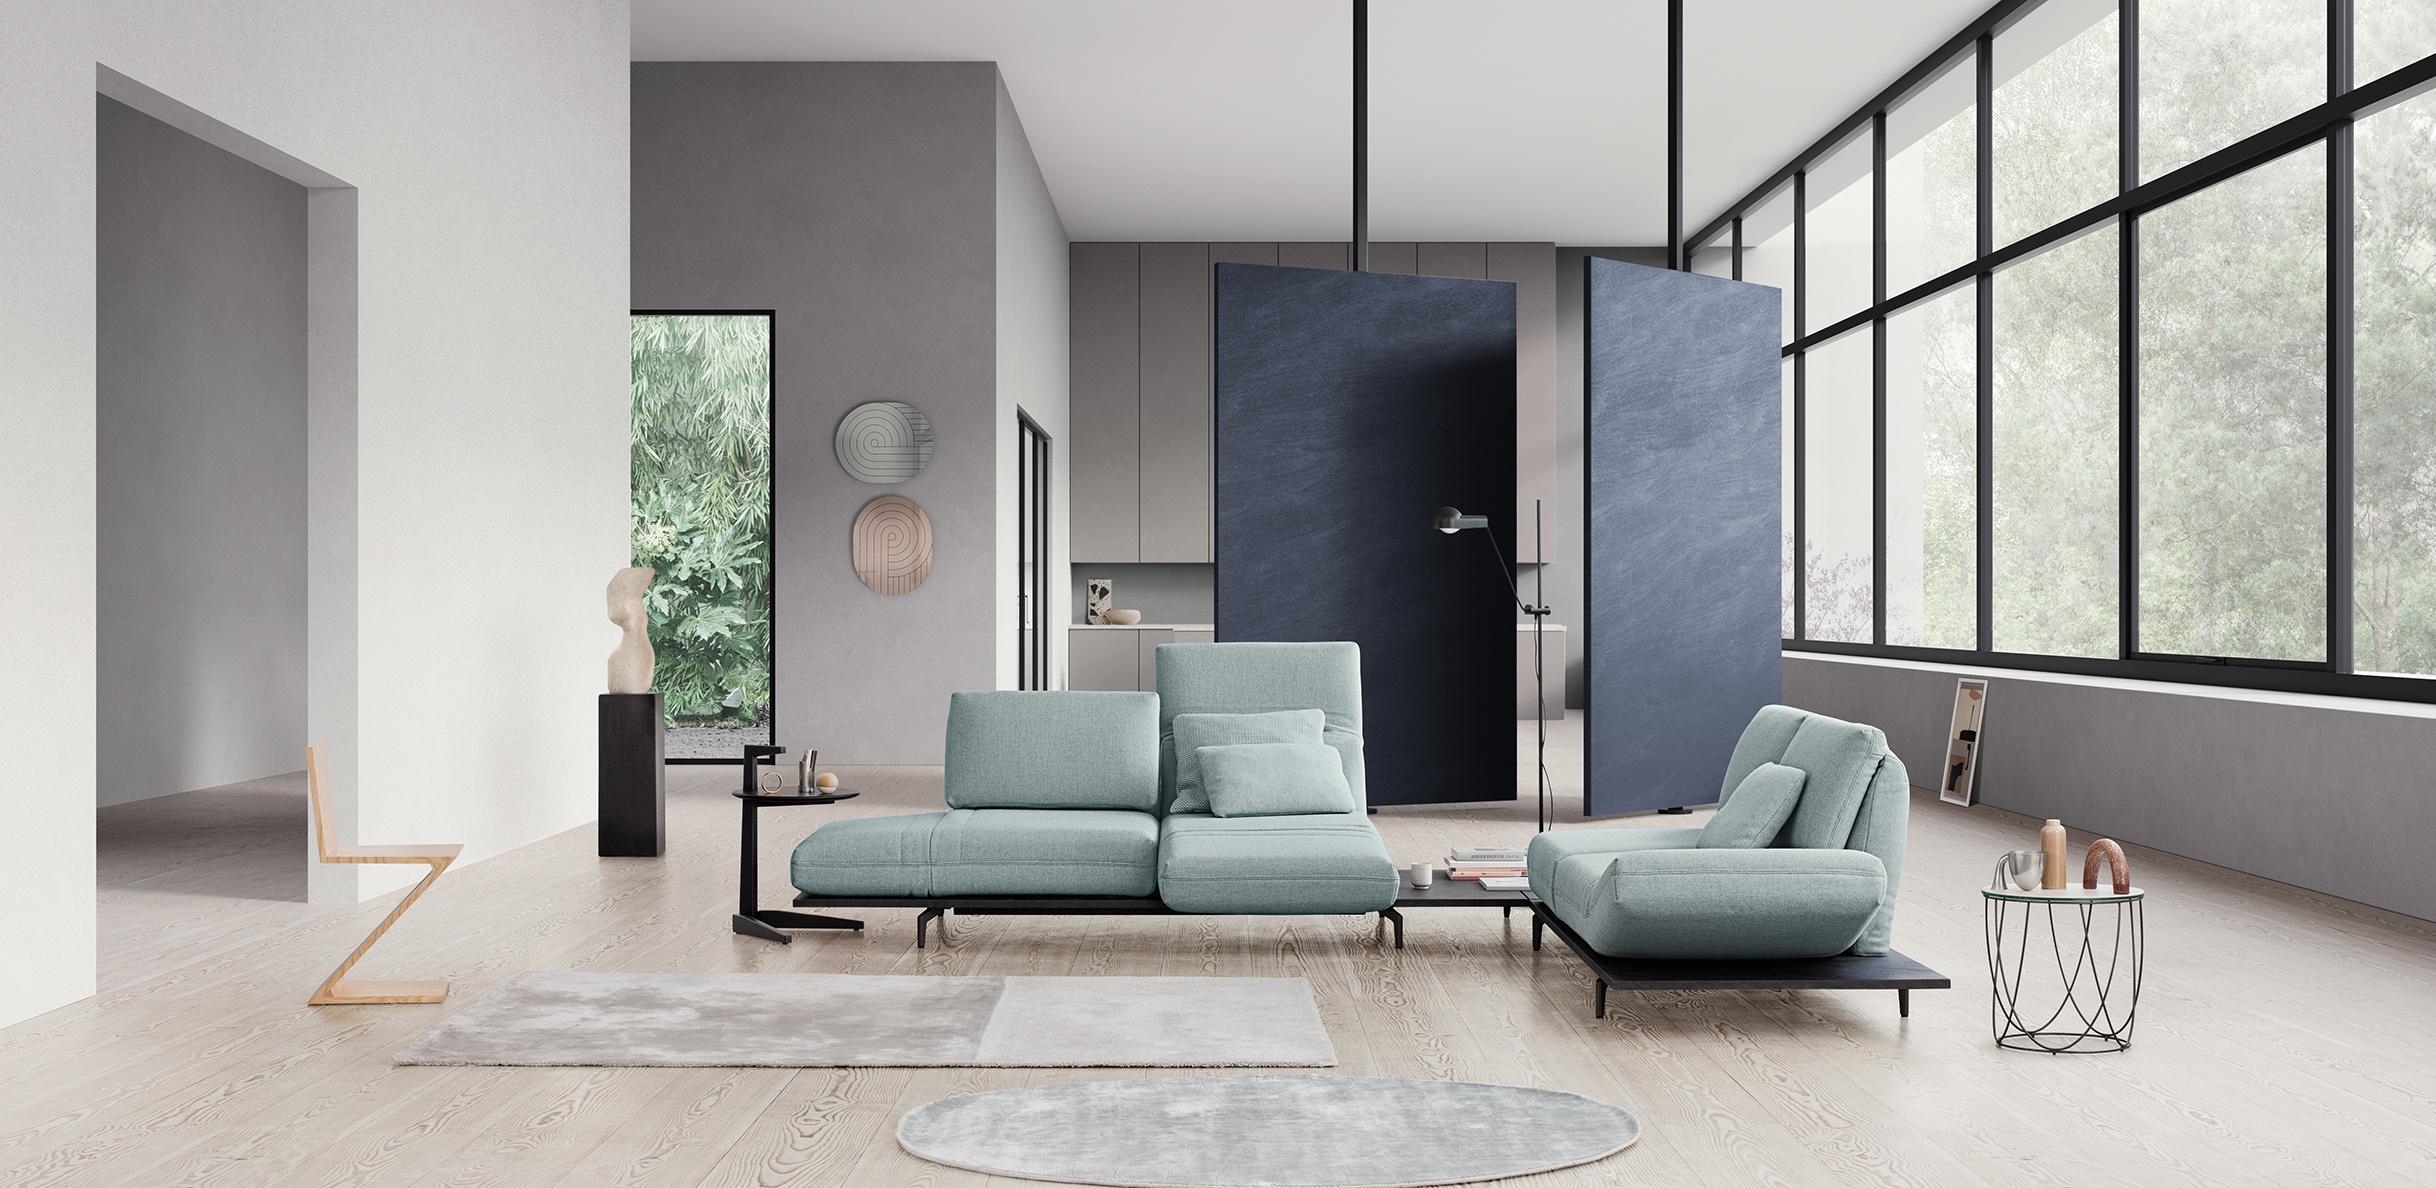 Design Bank Rolf Benz 322.Aura